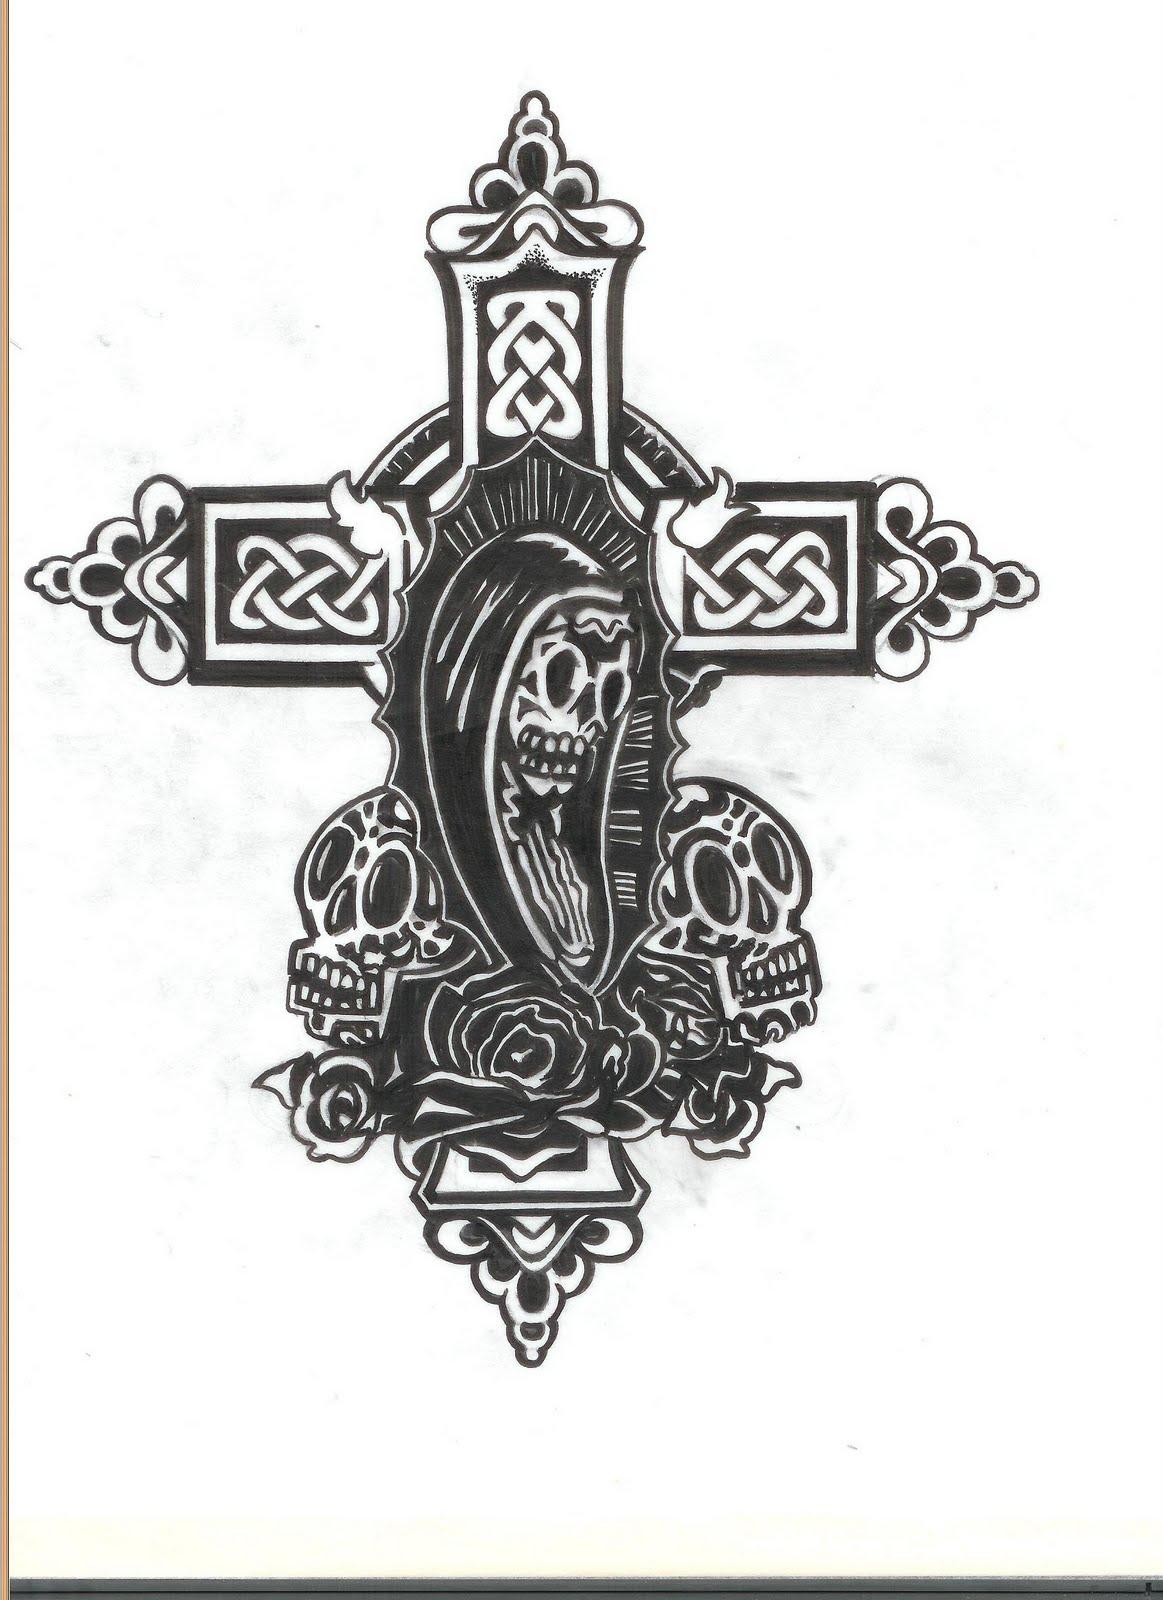 http://3.bp.blogspot.com/_oc-O-WV0704/TFiFcyz5jQI/AAAAAAAAAFA/Ab_ERe02hH8/s1600/tattoo.jpeg